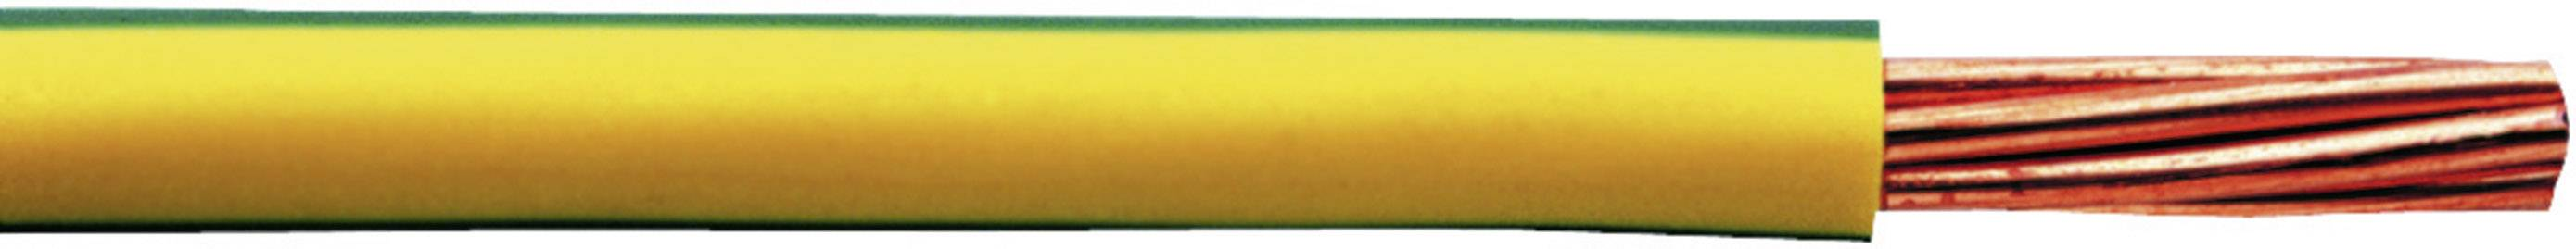 Pletenica H07V-R 1 x 16 mm, zelena-rumena Faber Kabel 040081 cena za meter